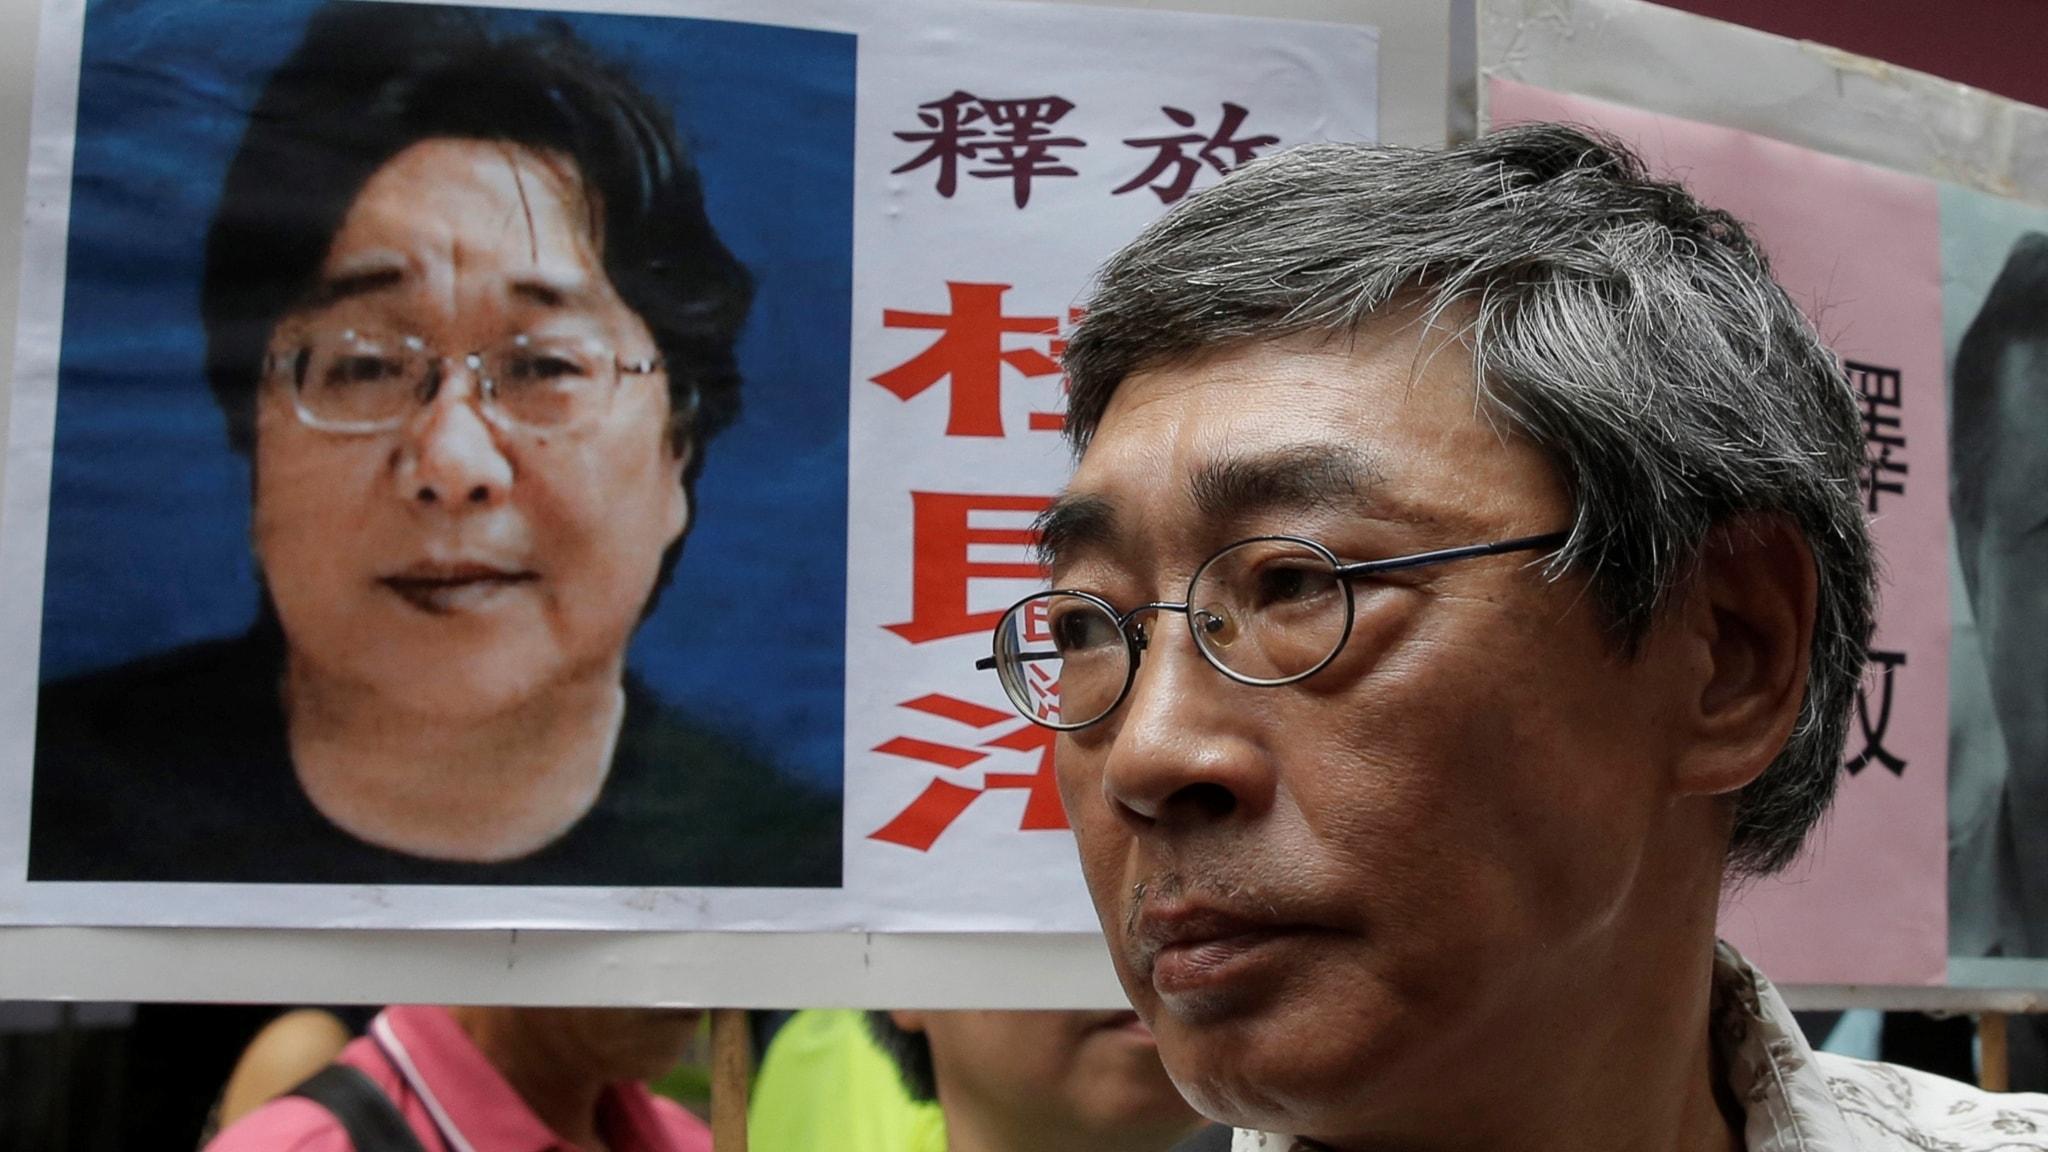 Kulturnytt: Kritik efter sexuella trakasserier och Gui Minhai fängslad i två år